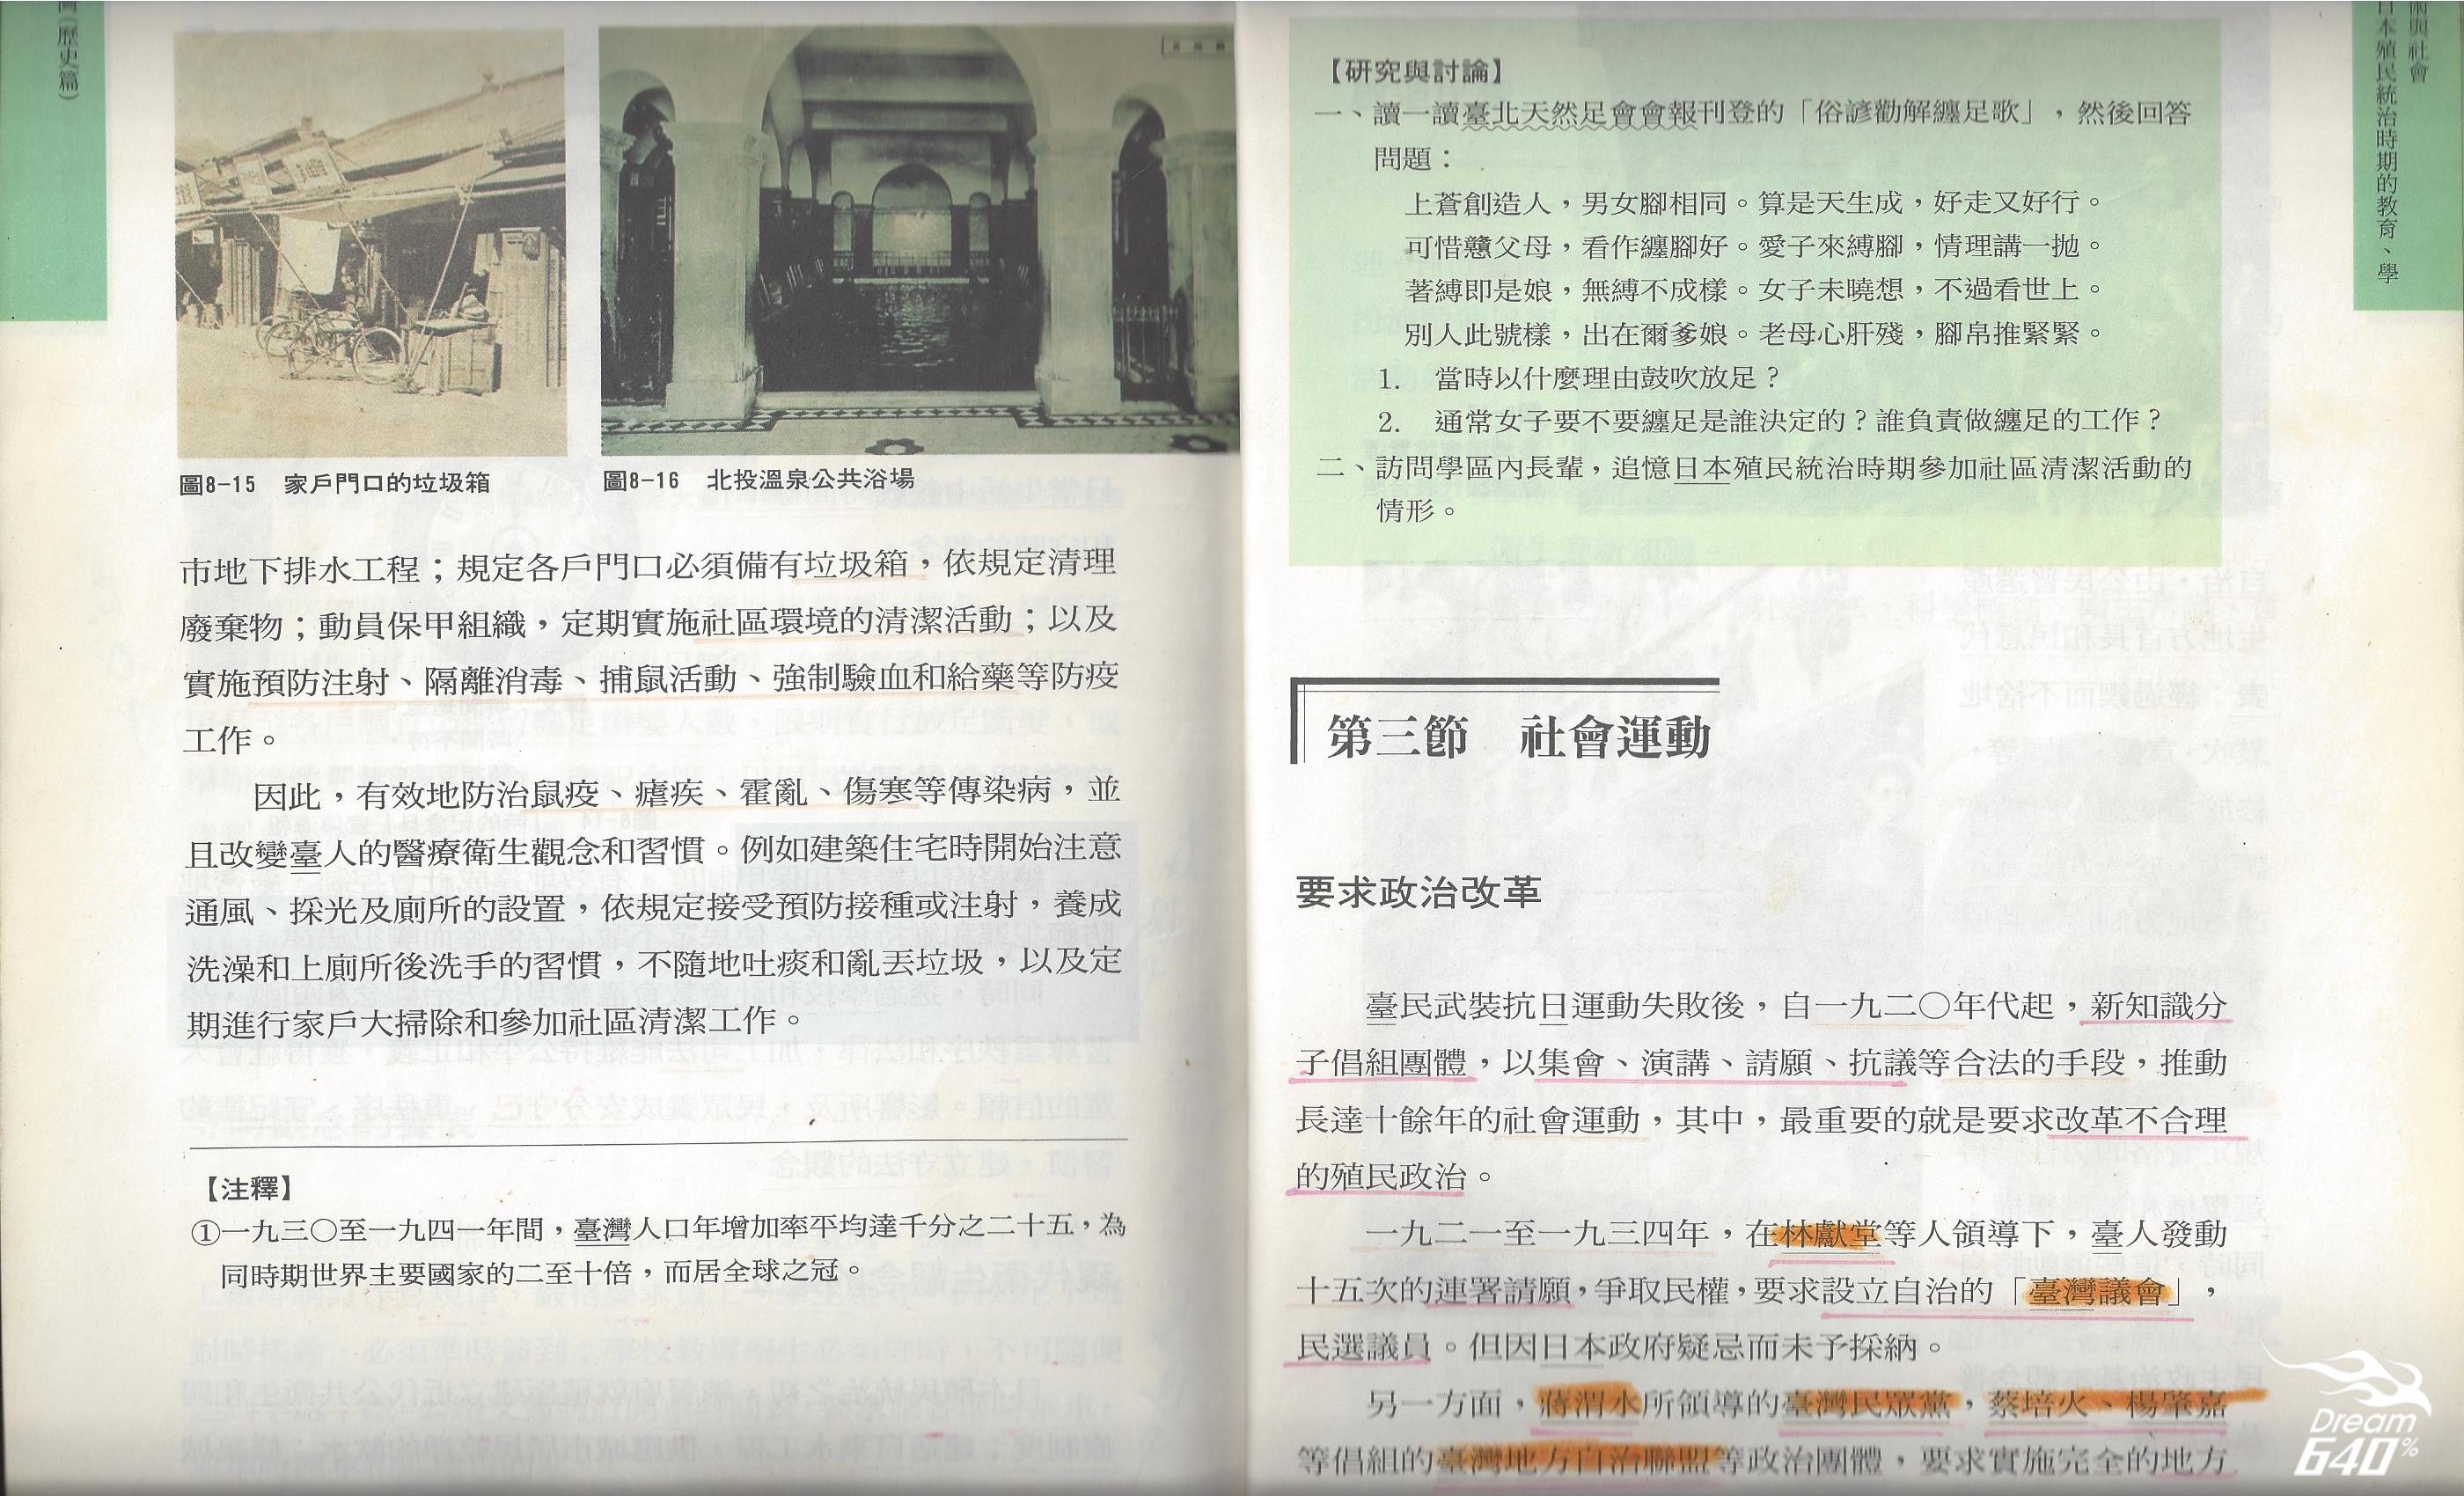 歷史課本-蔣渭水-內頁-1.jpg